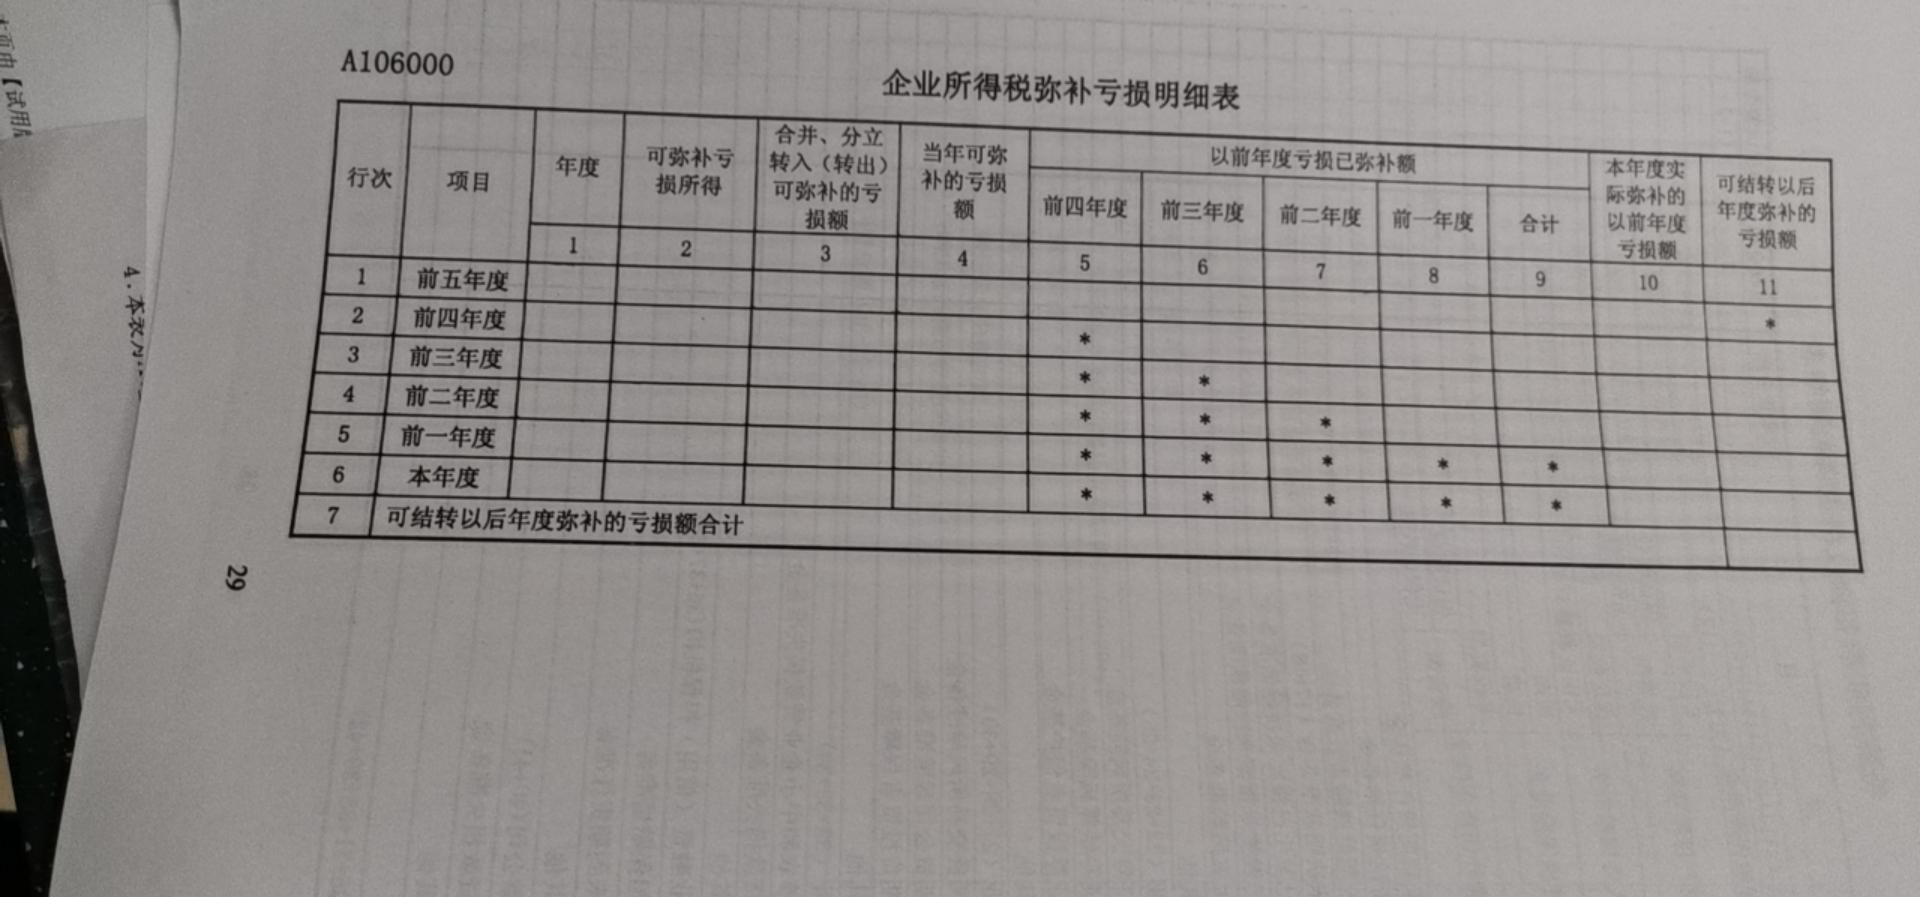 老师,想问问。这个表是怎么填?